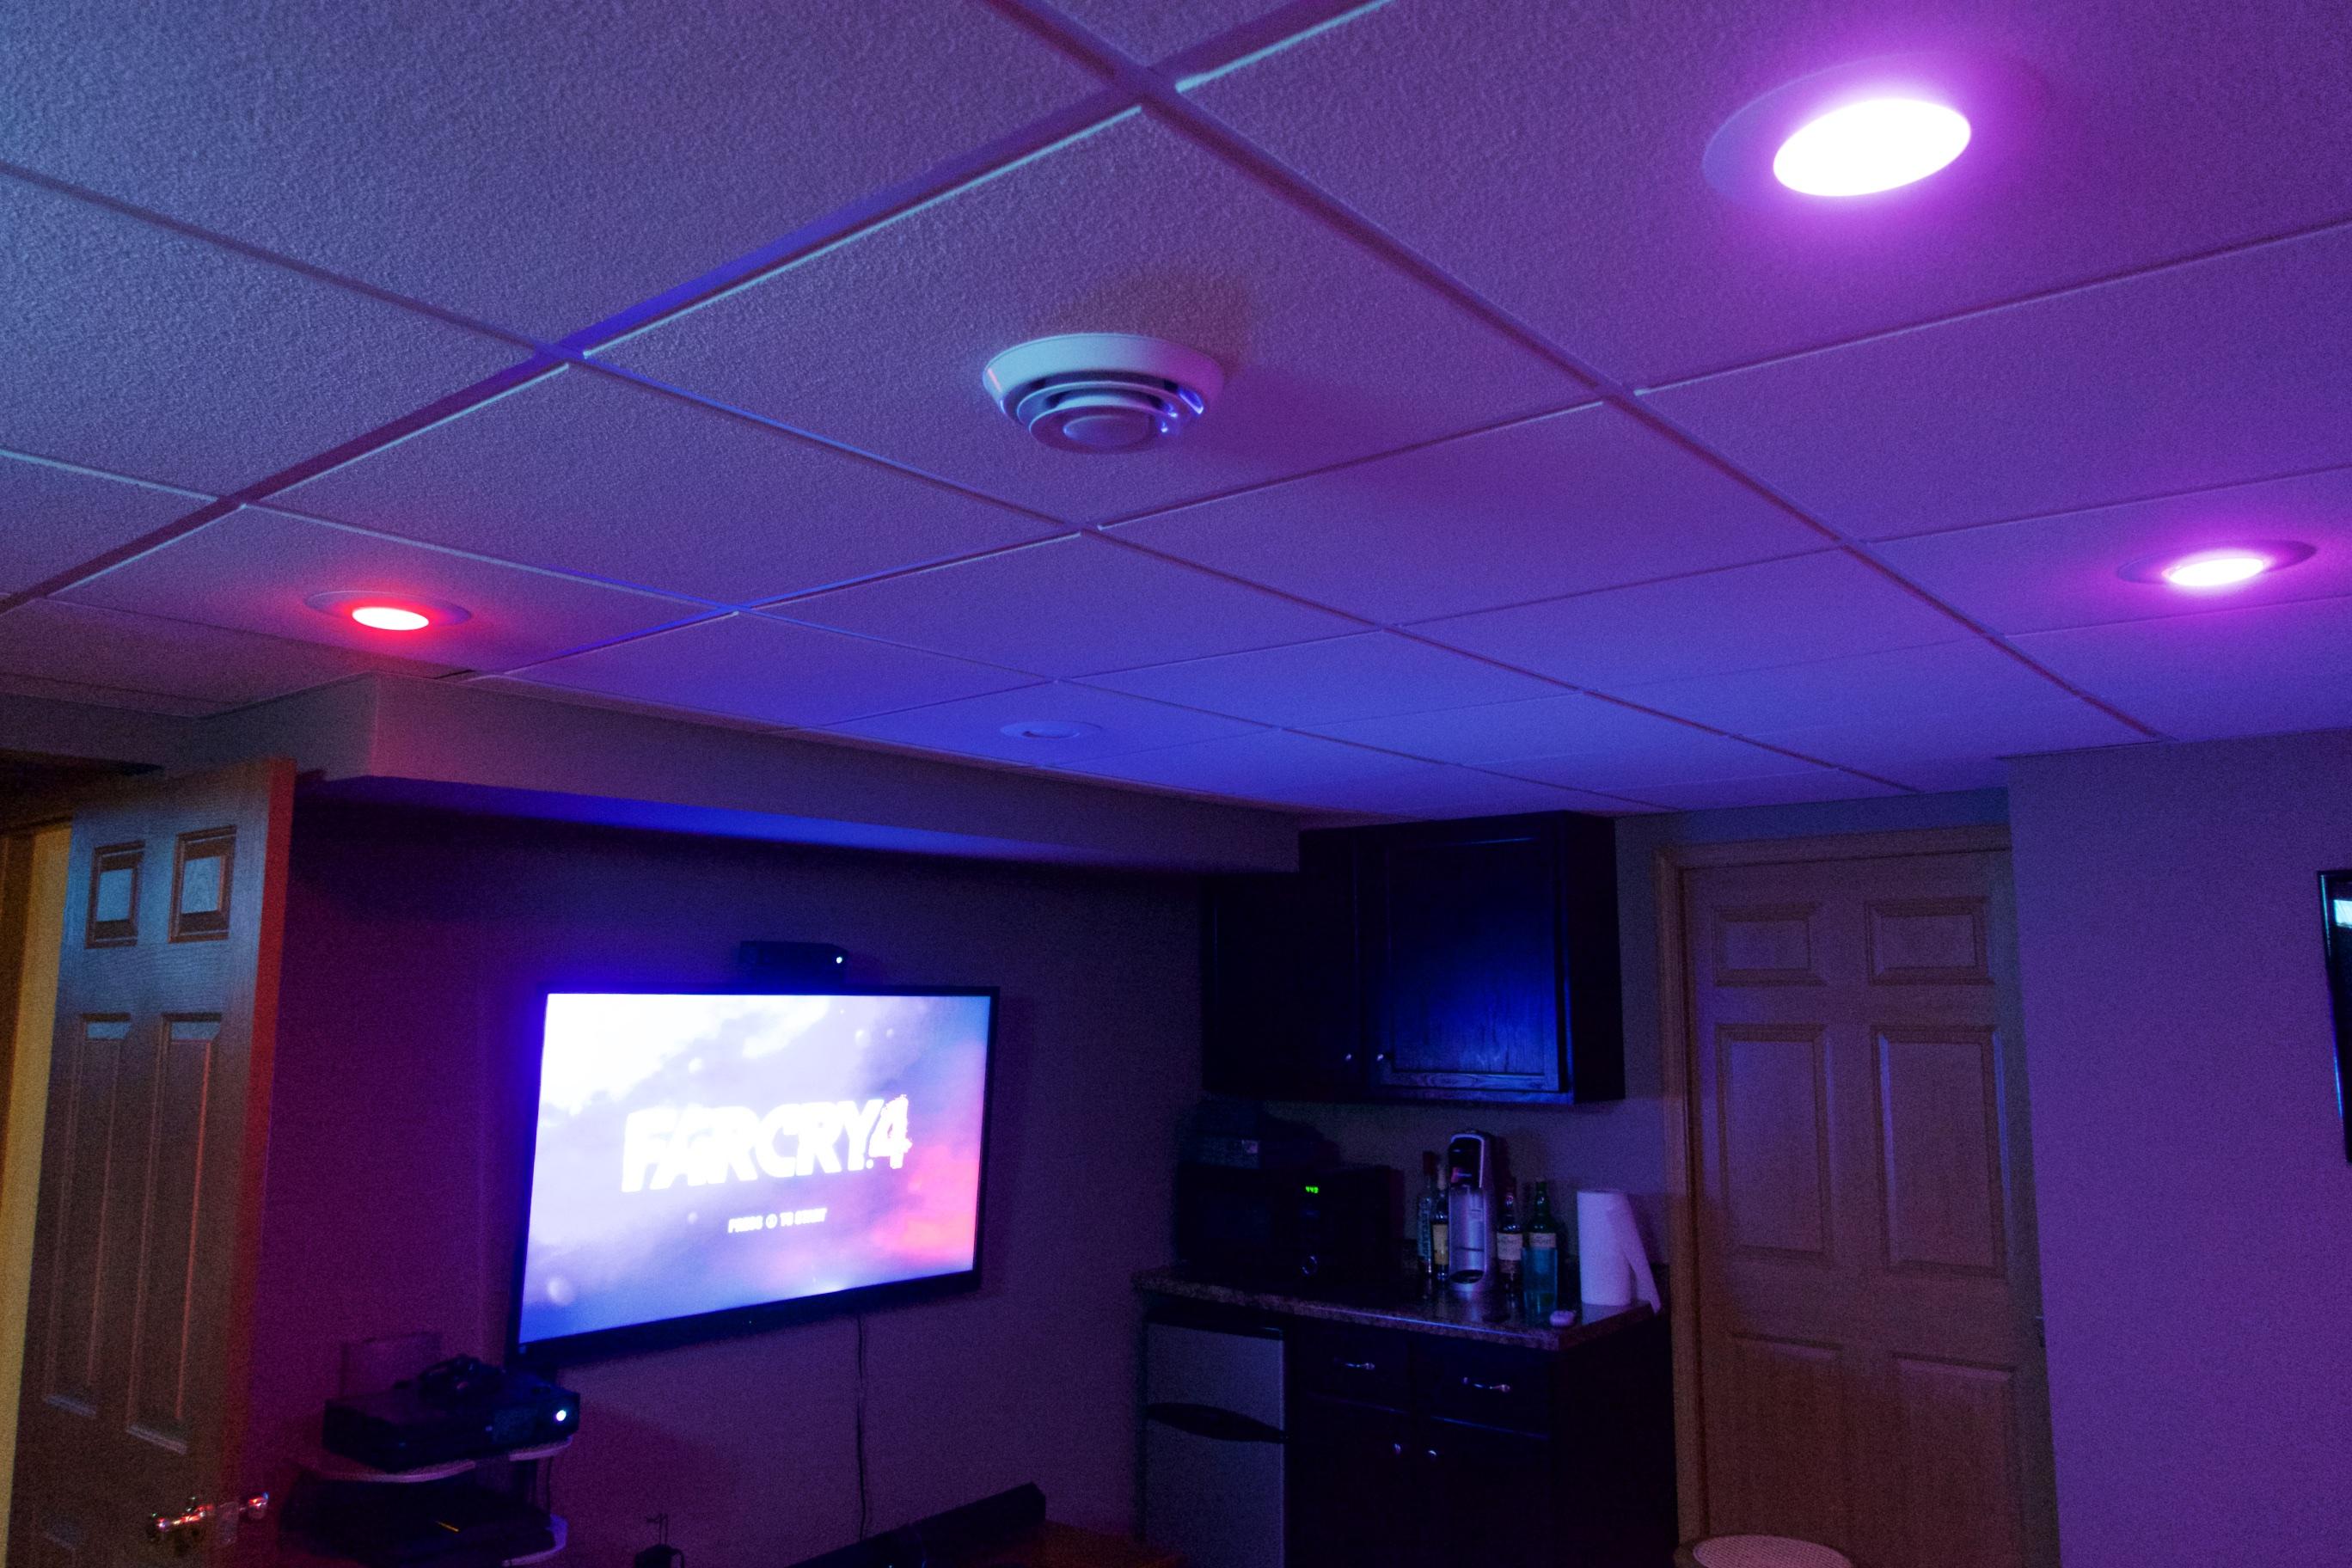 Med ett tryck är mitt mediarum klart för spel tack vare Harmony Ultimate Home-systemet.